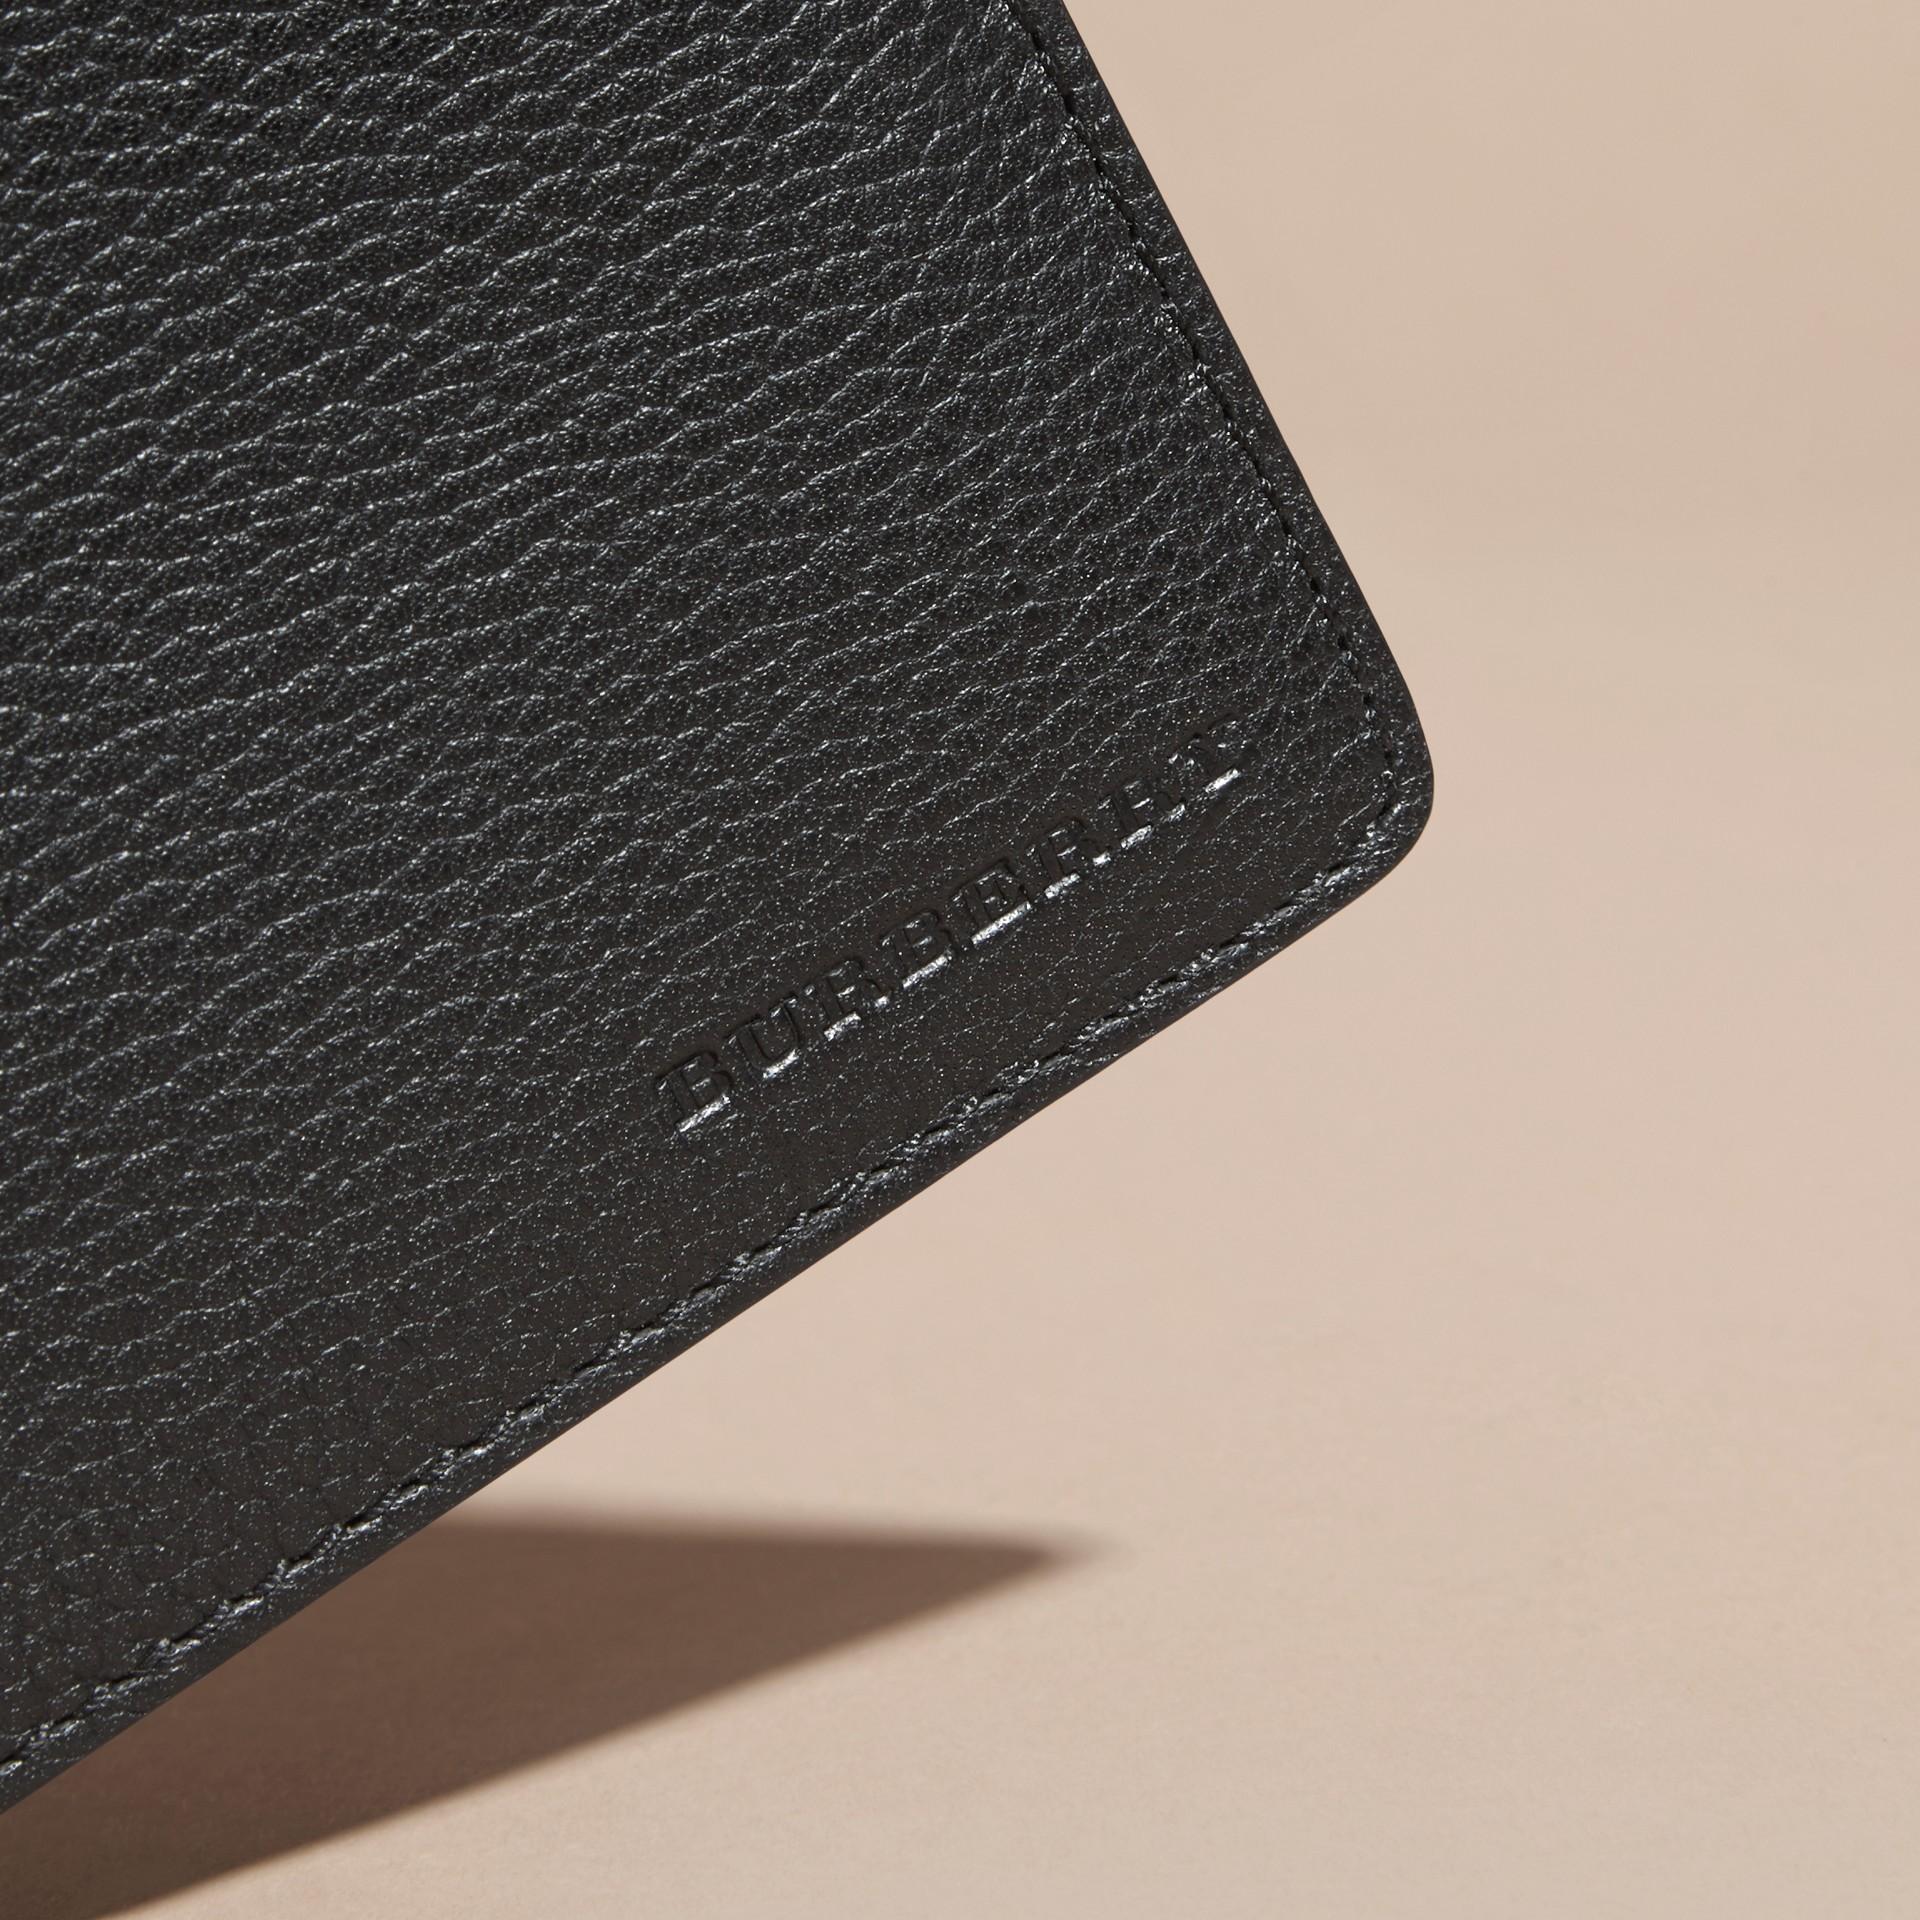 Черный Складной бумажник из кожи Черный - изображение 2